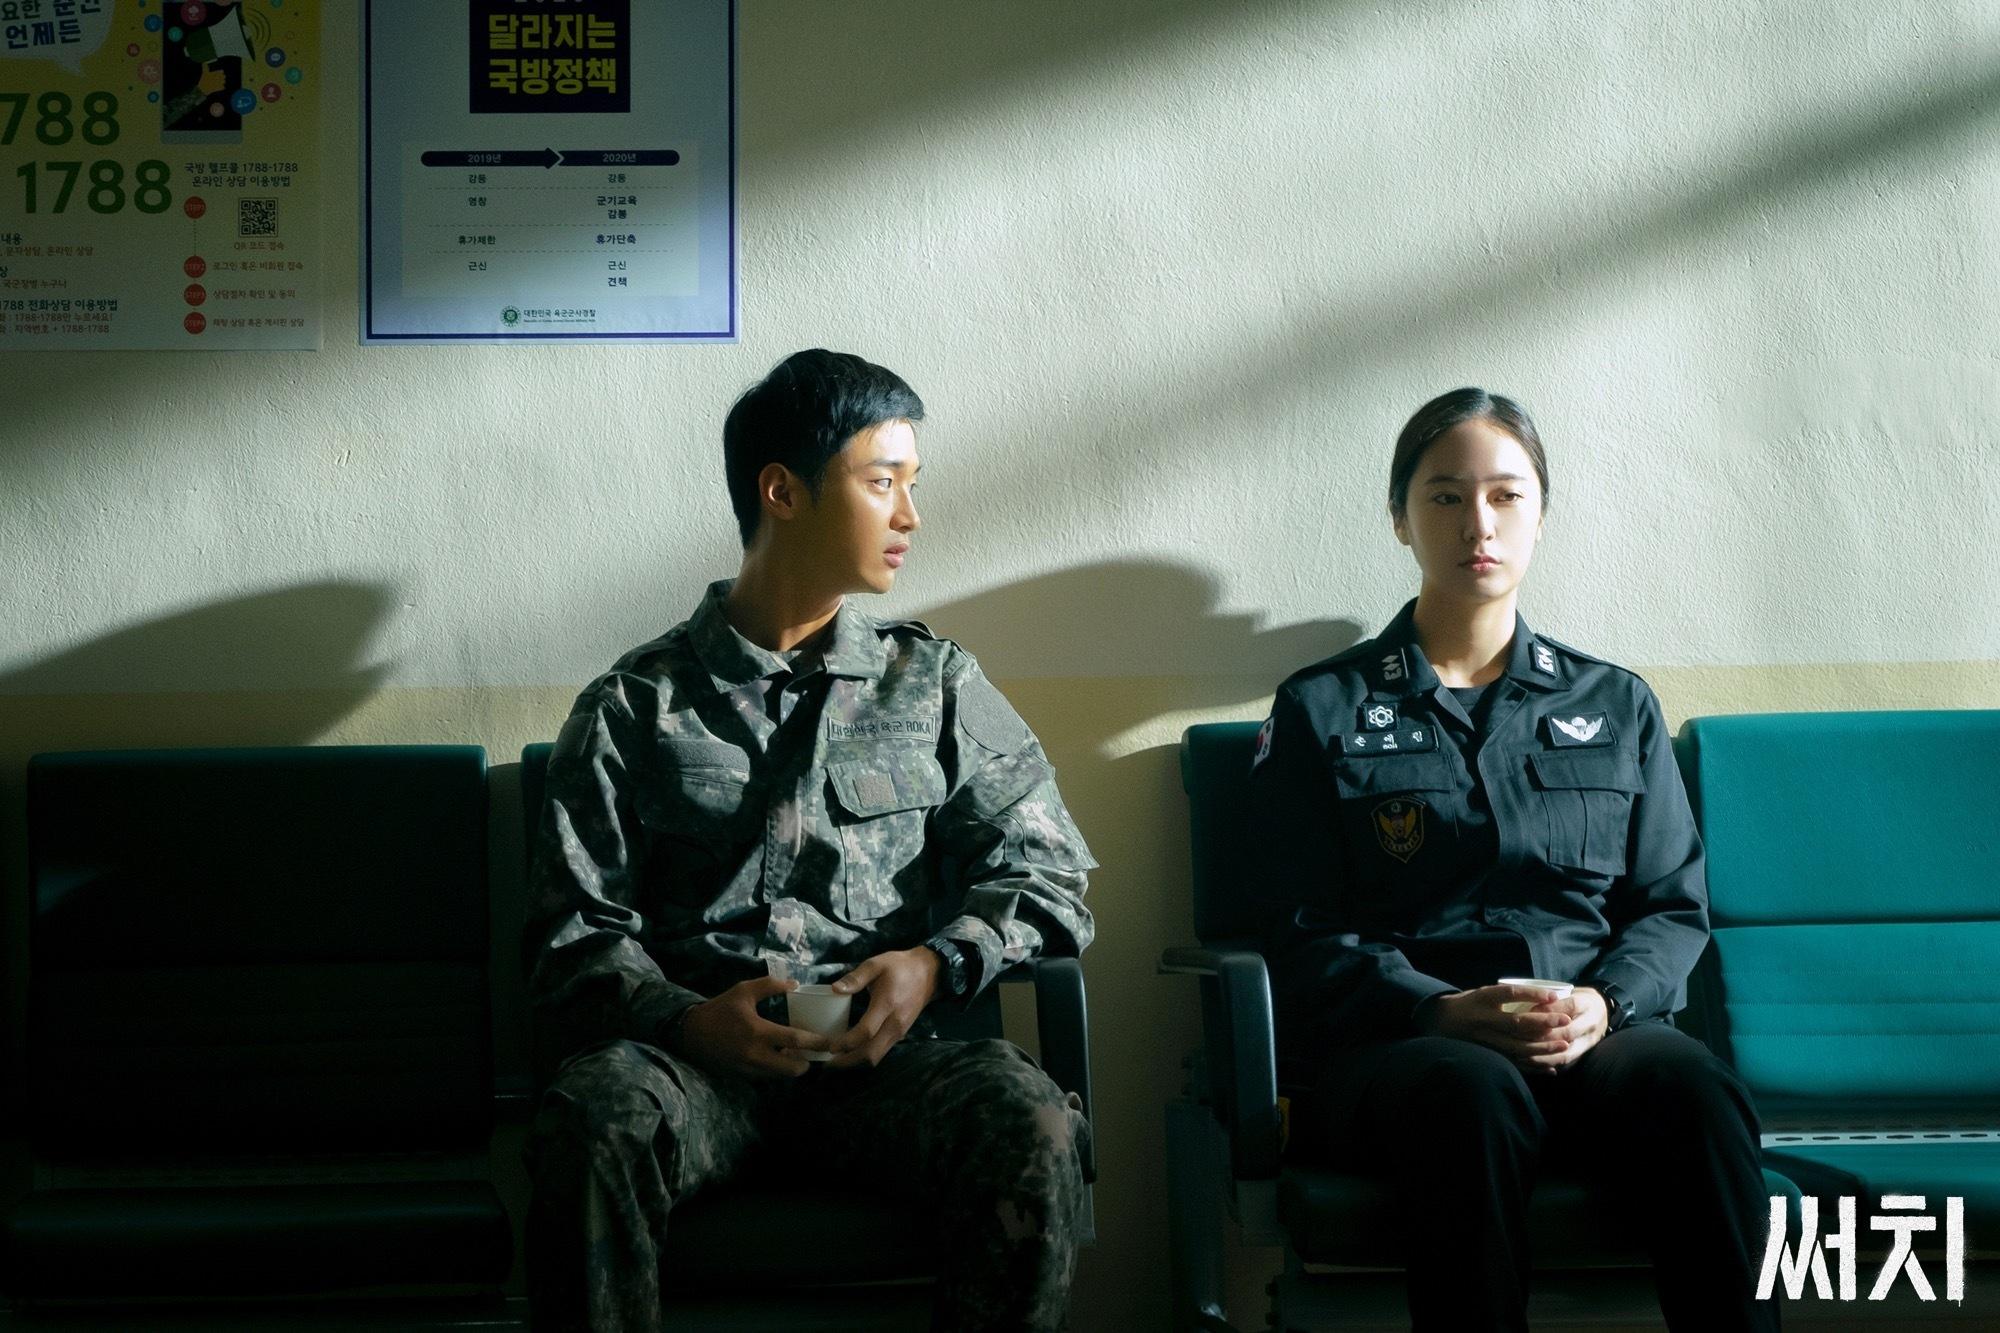 这些剧情太智障,这部豆瓣7.7分的韩剧是在黑韩国军人吧?插图15